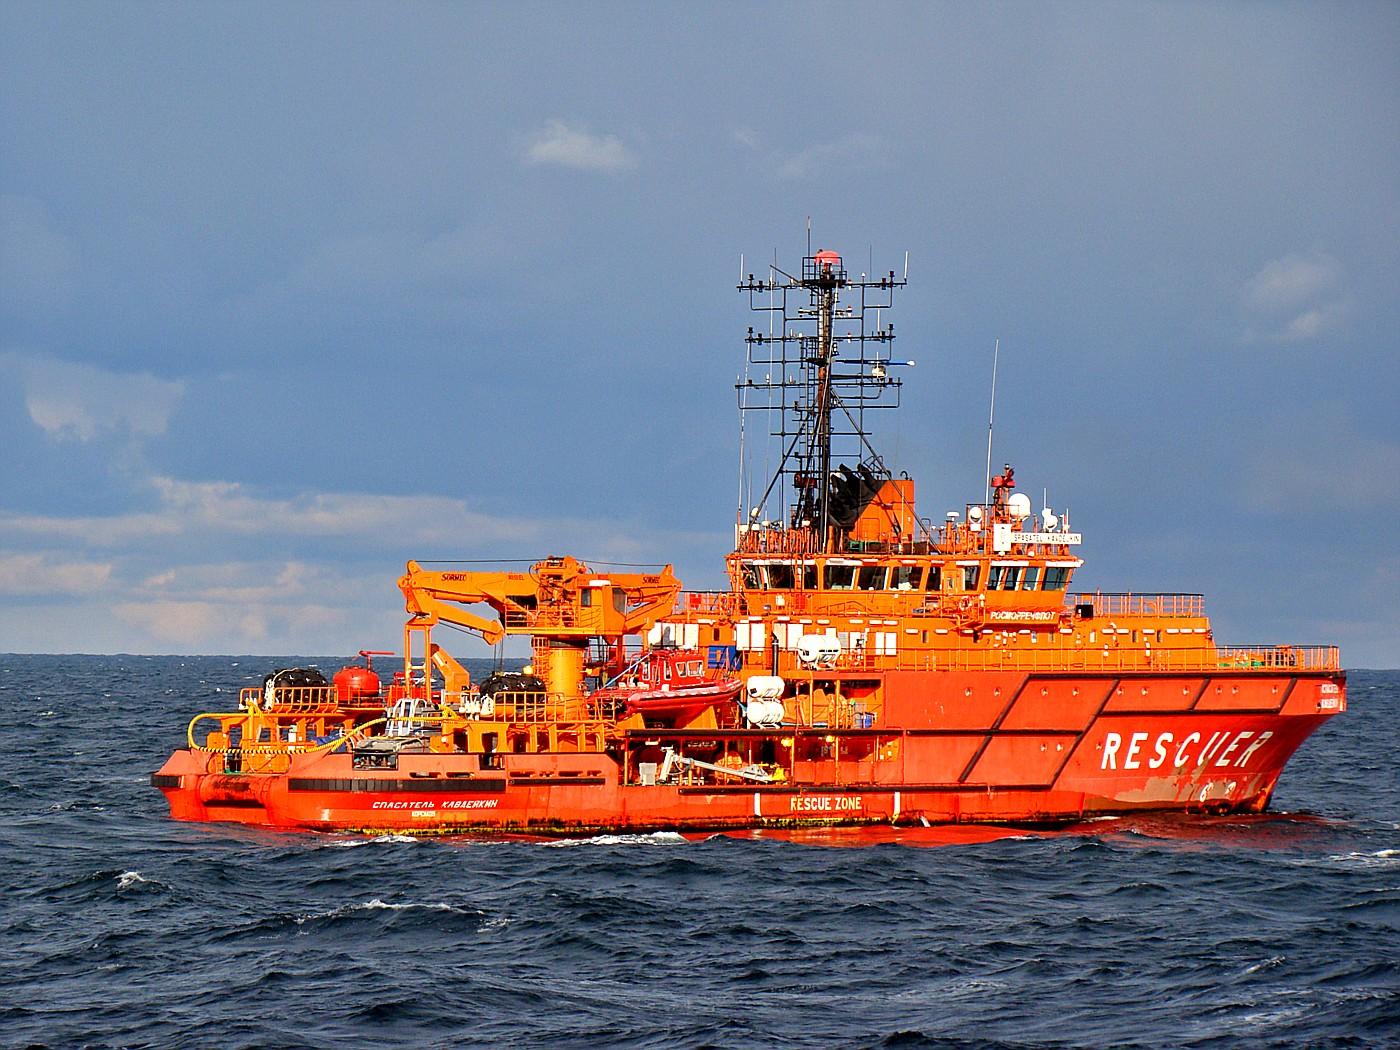 один ведущих картинки спасательного корабля можно объяснить